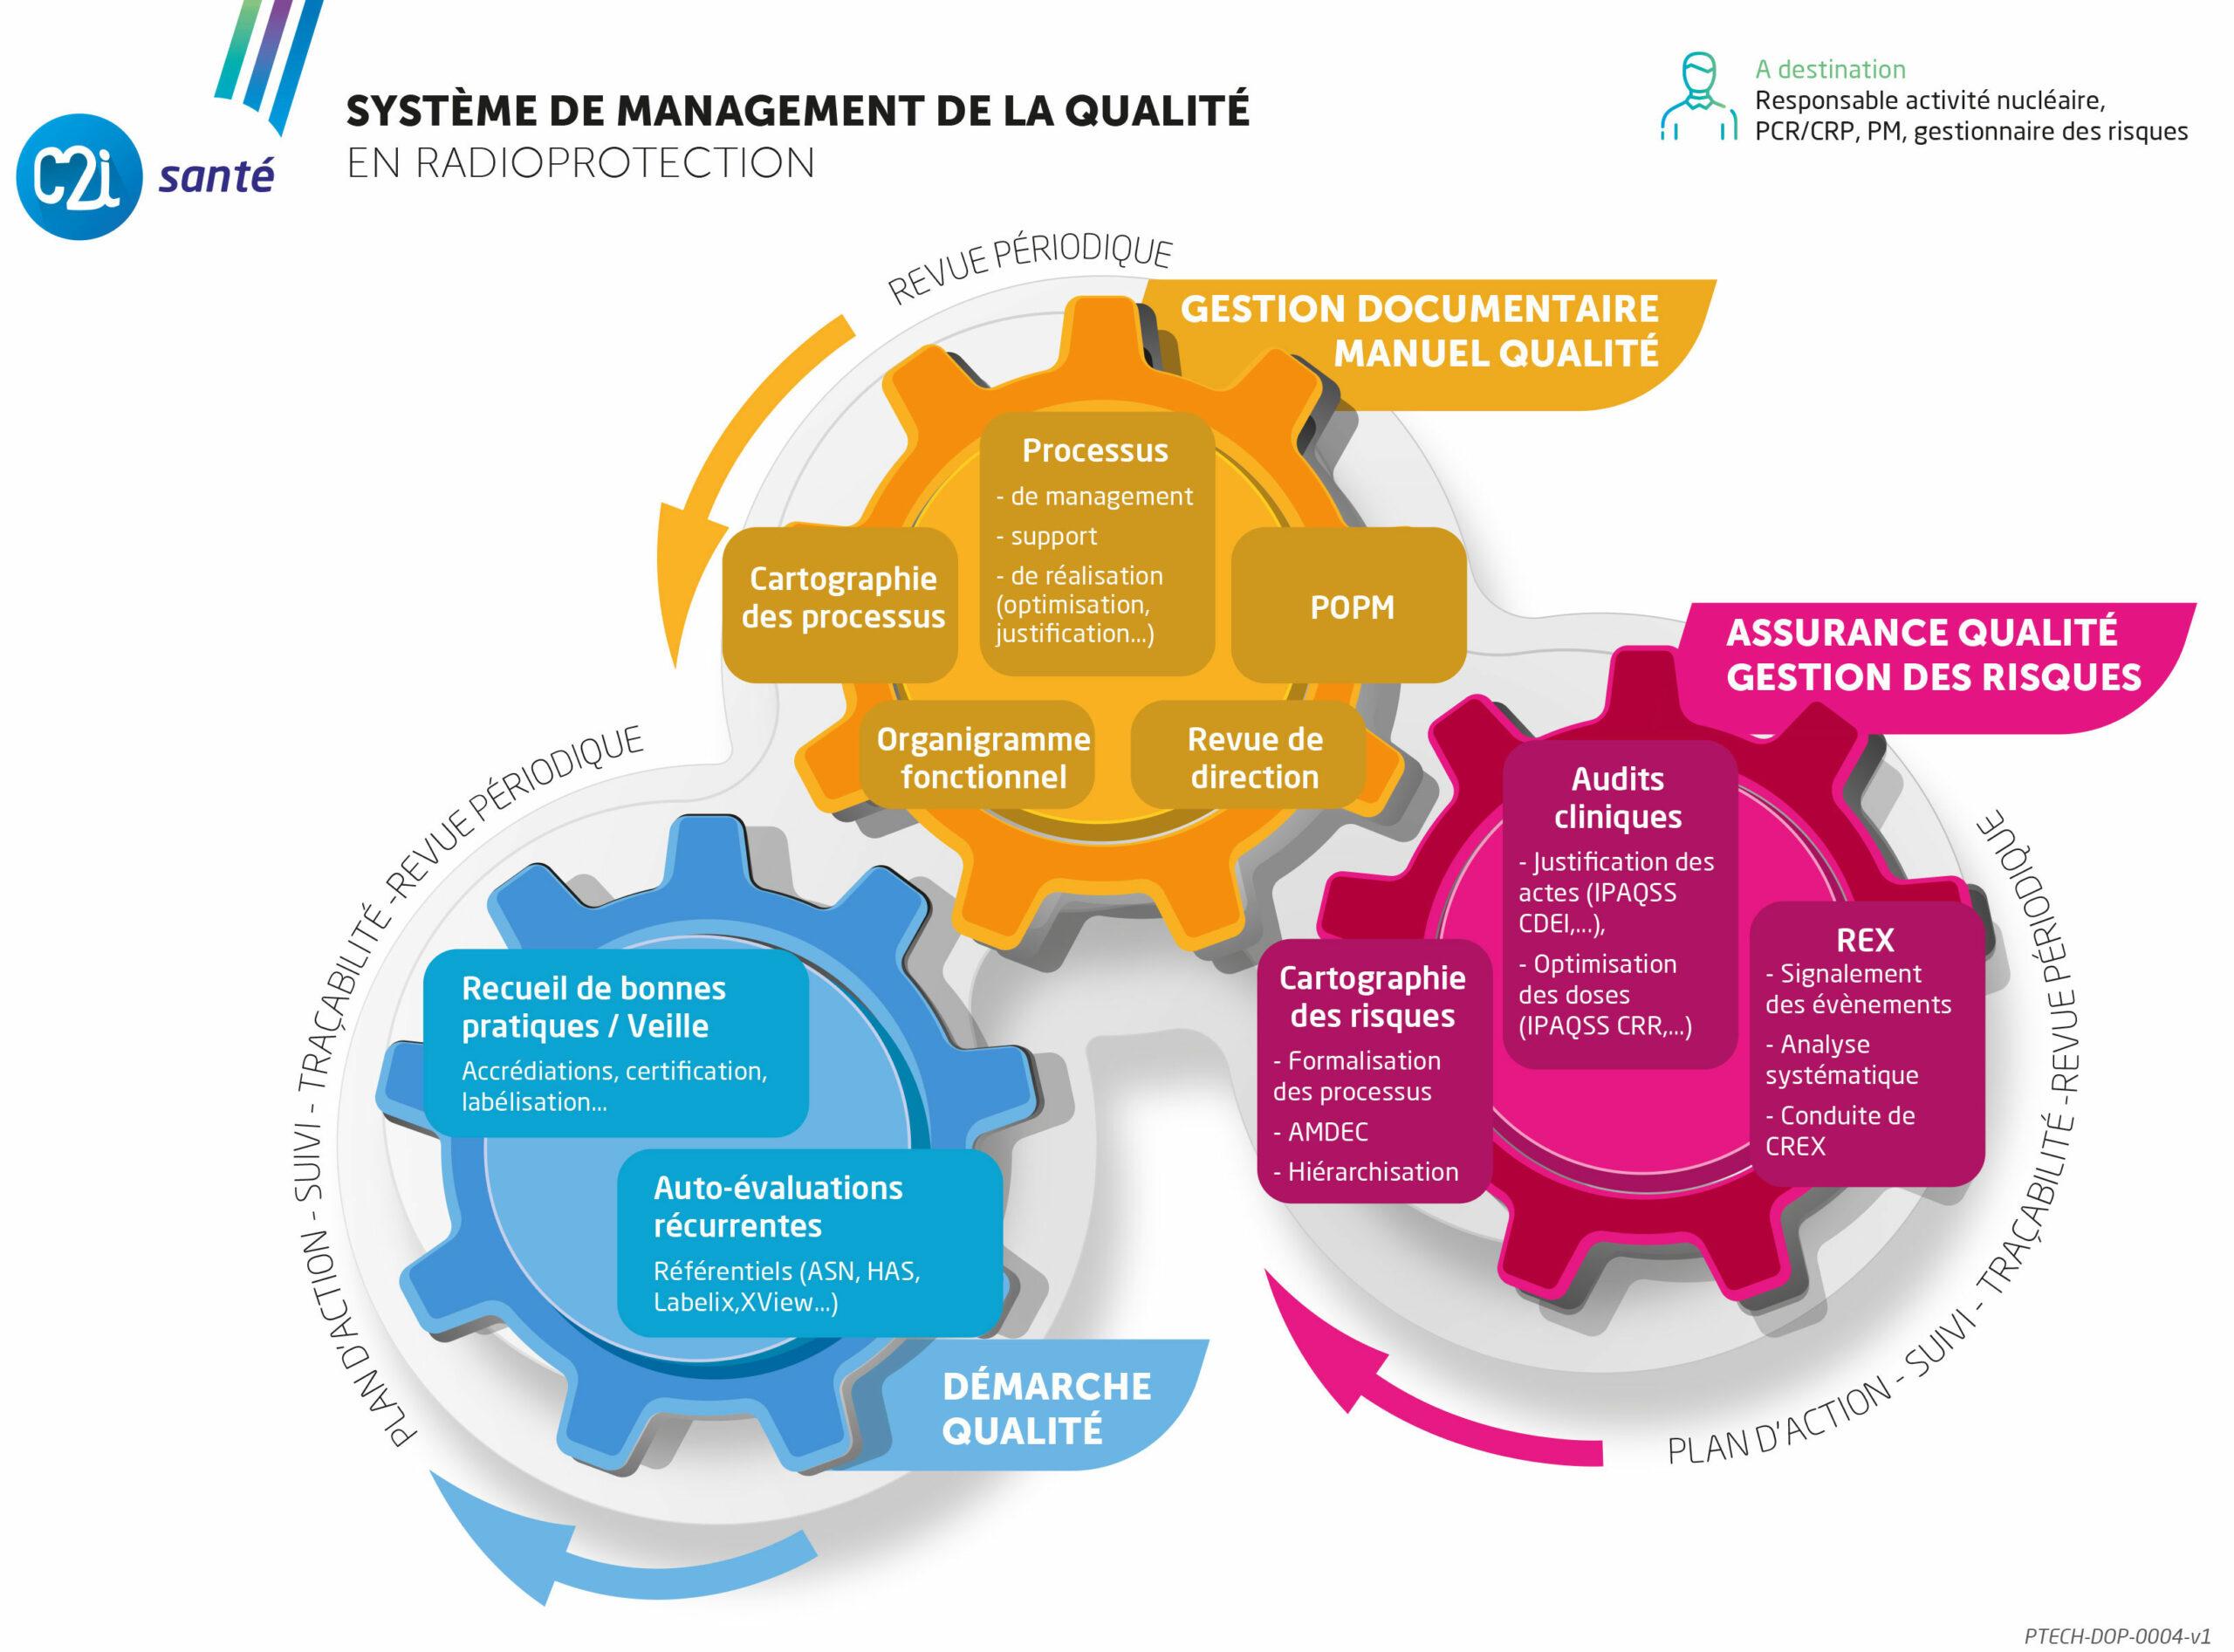 C2i Santé: Solutions Qualité Sécurité Environnement (QSE)